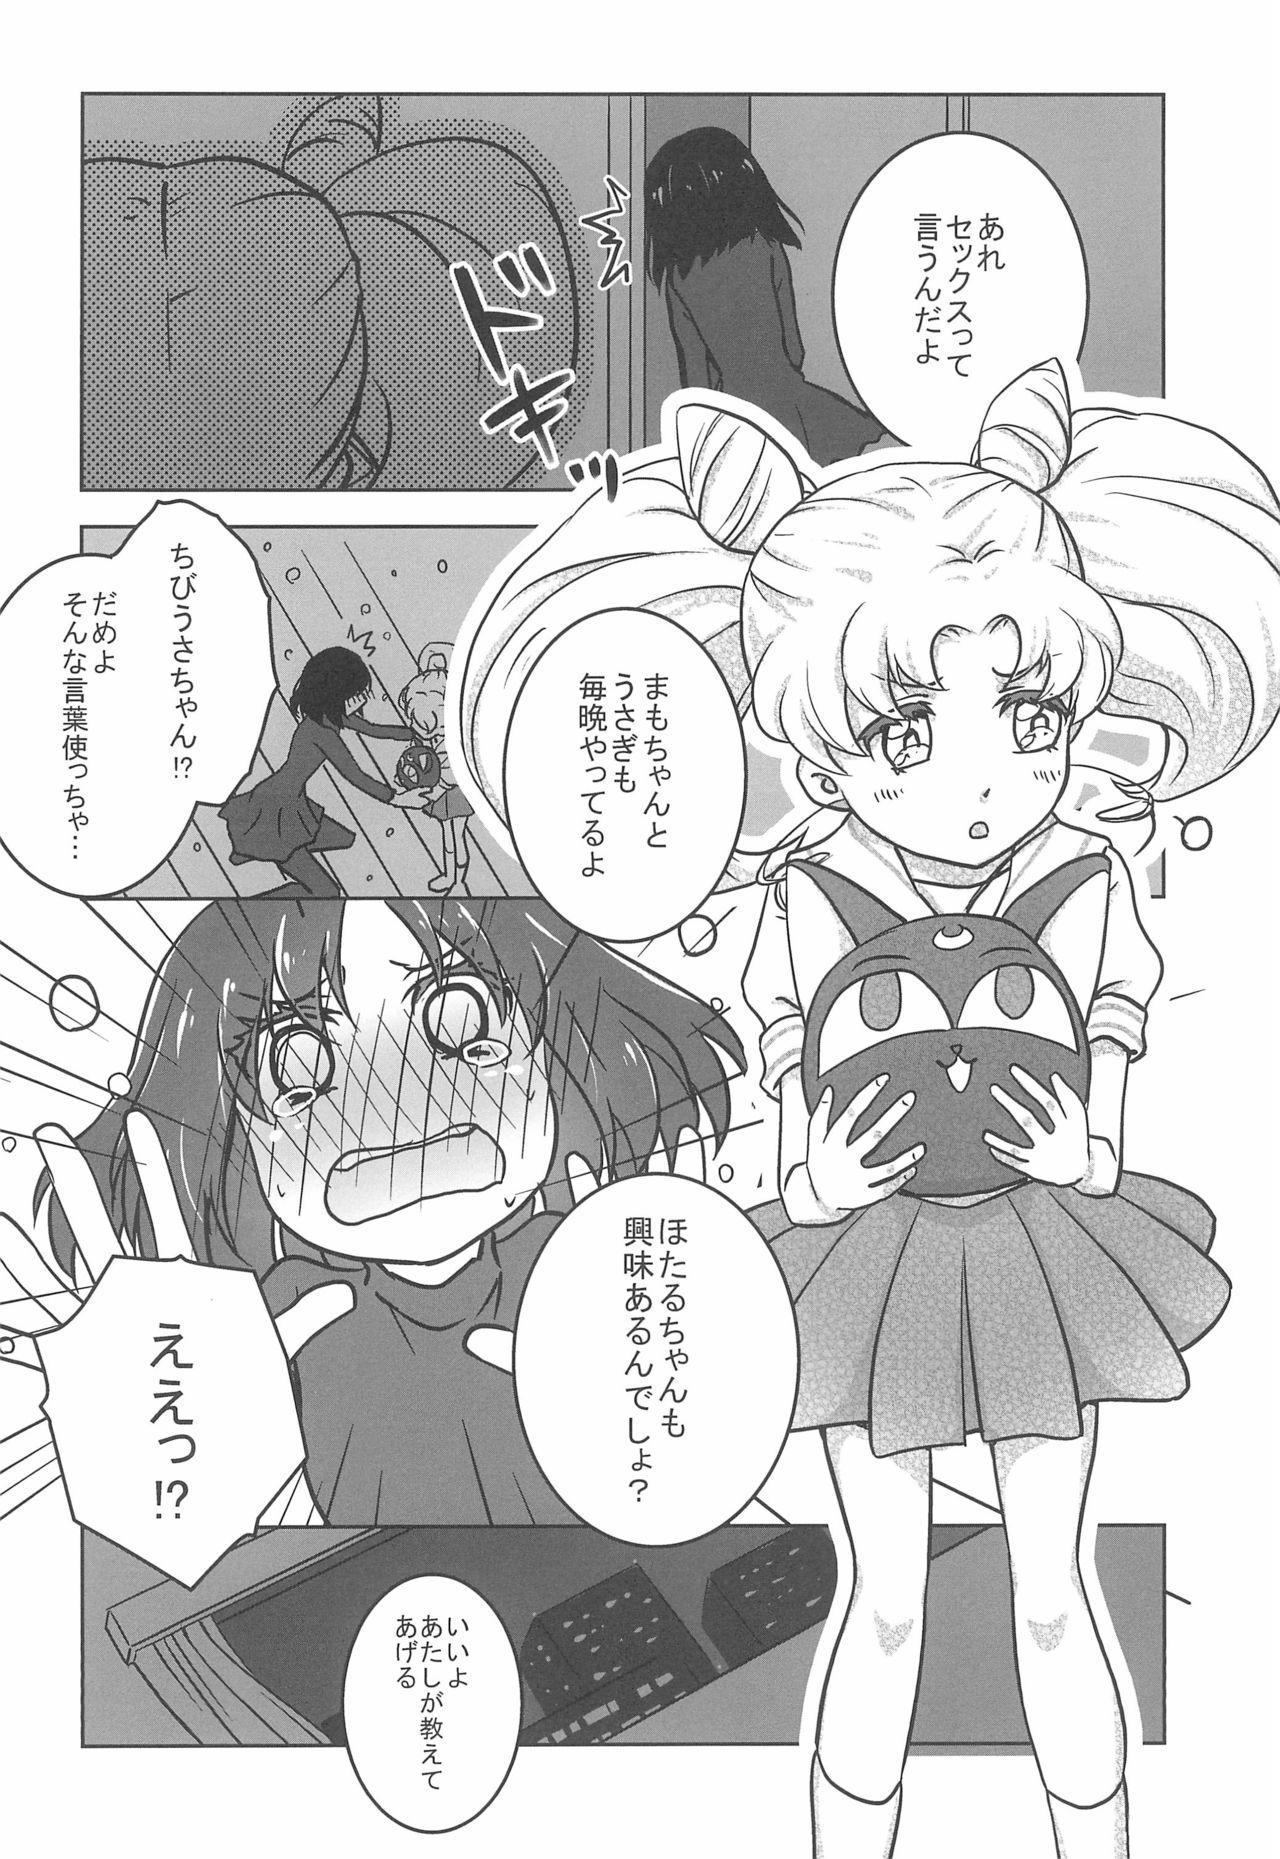 Hotaru to Chibiusa no Hajimete no Naisho 3